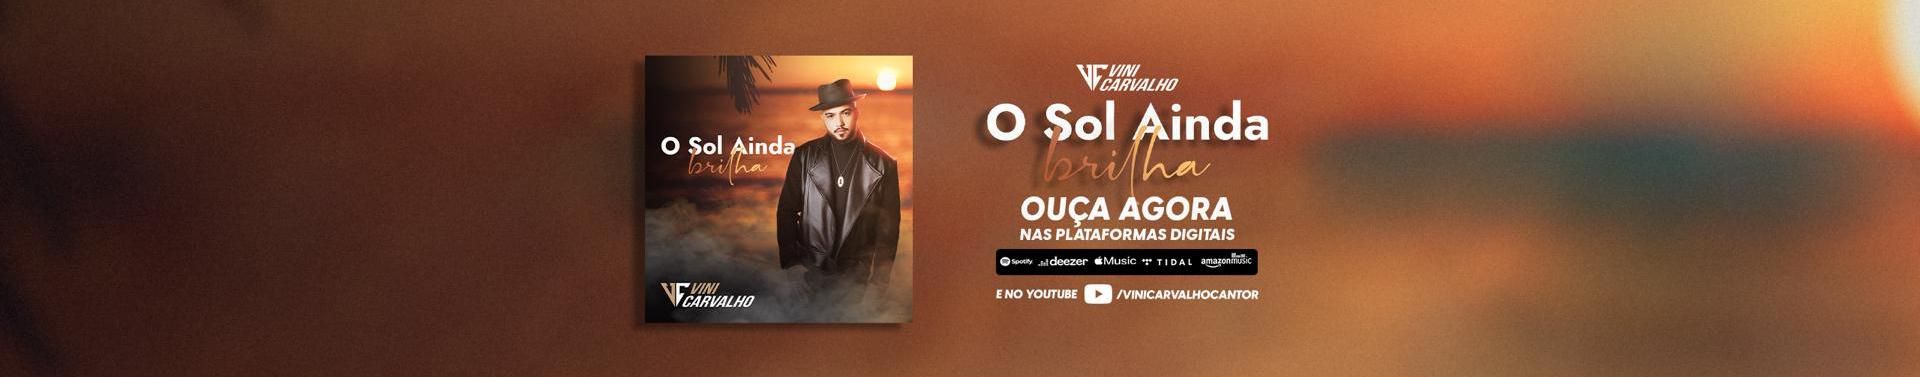 Imagem de capa de Vini Carvalho